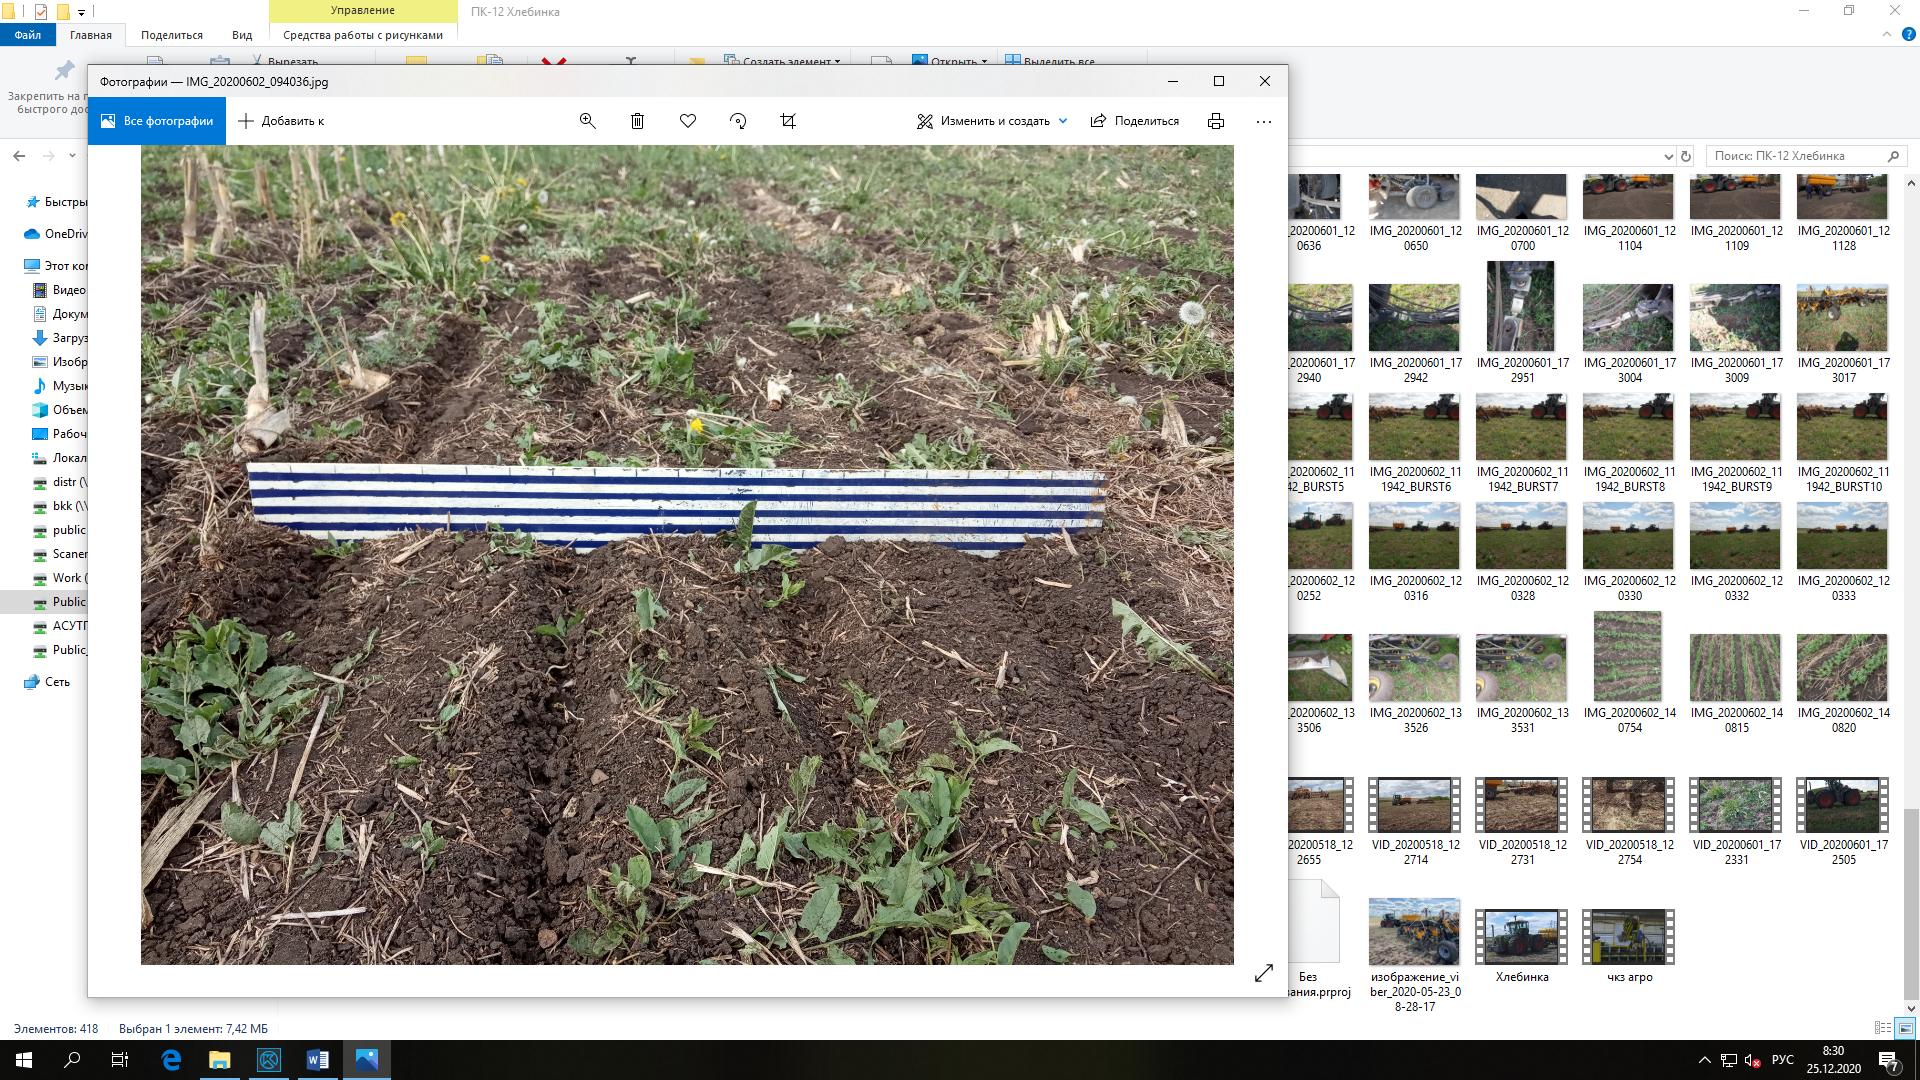 word image 1220 Разработка конструктивной схемы и обоснование параметров почвообрабатывающего посевного агрегата с пневматическим высевом семян для тракторов класса тяги 5